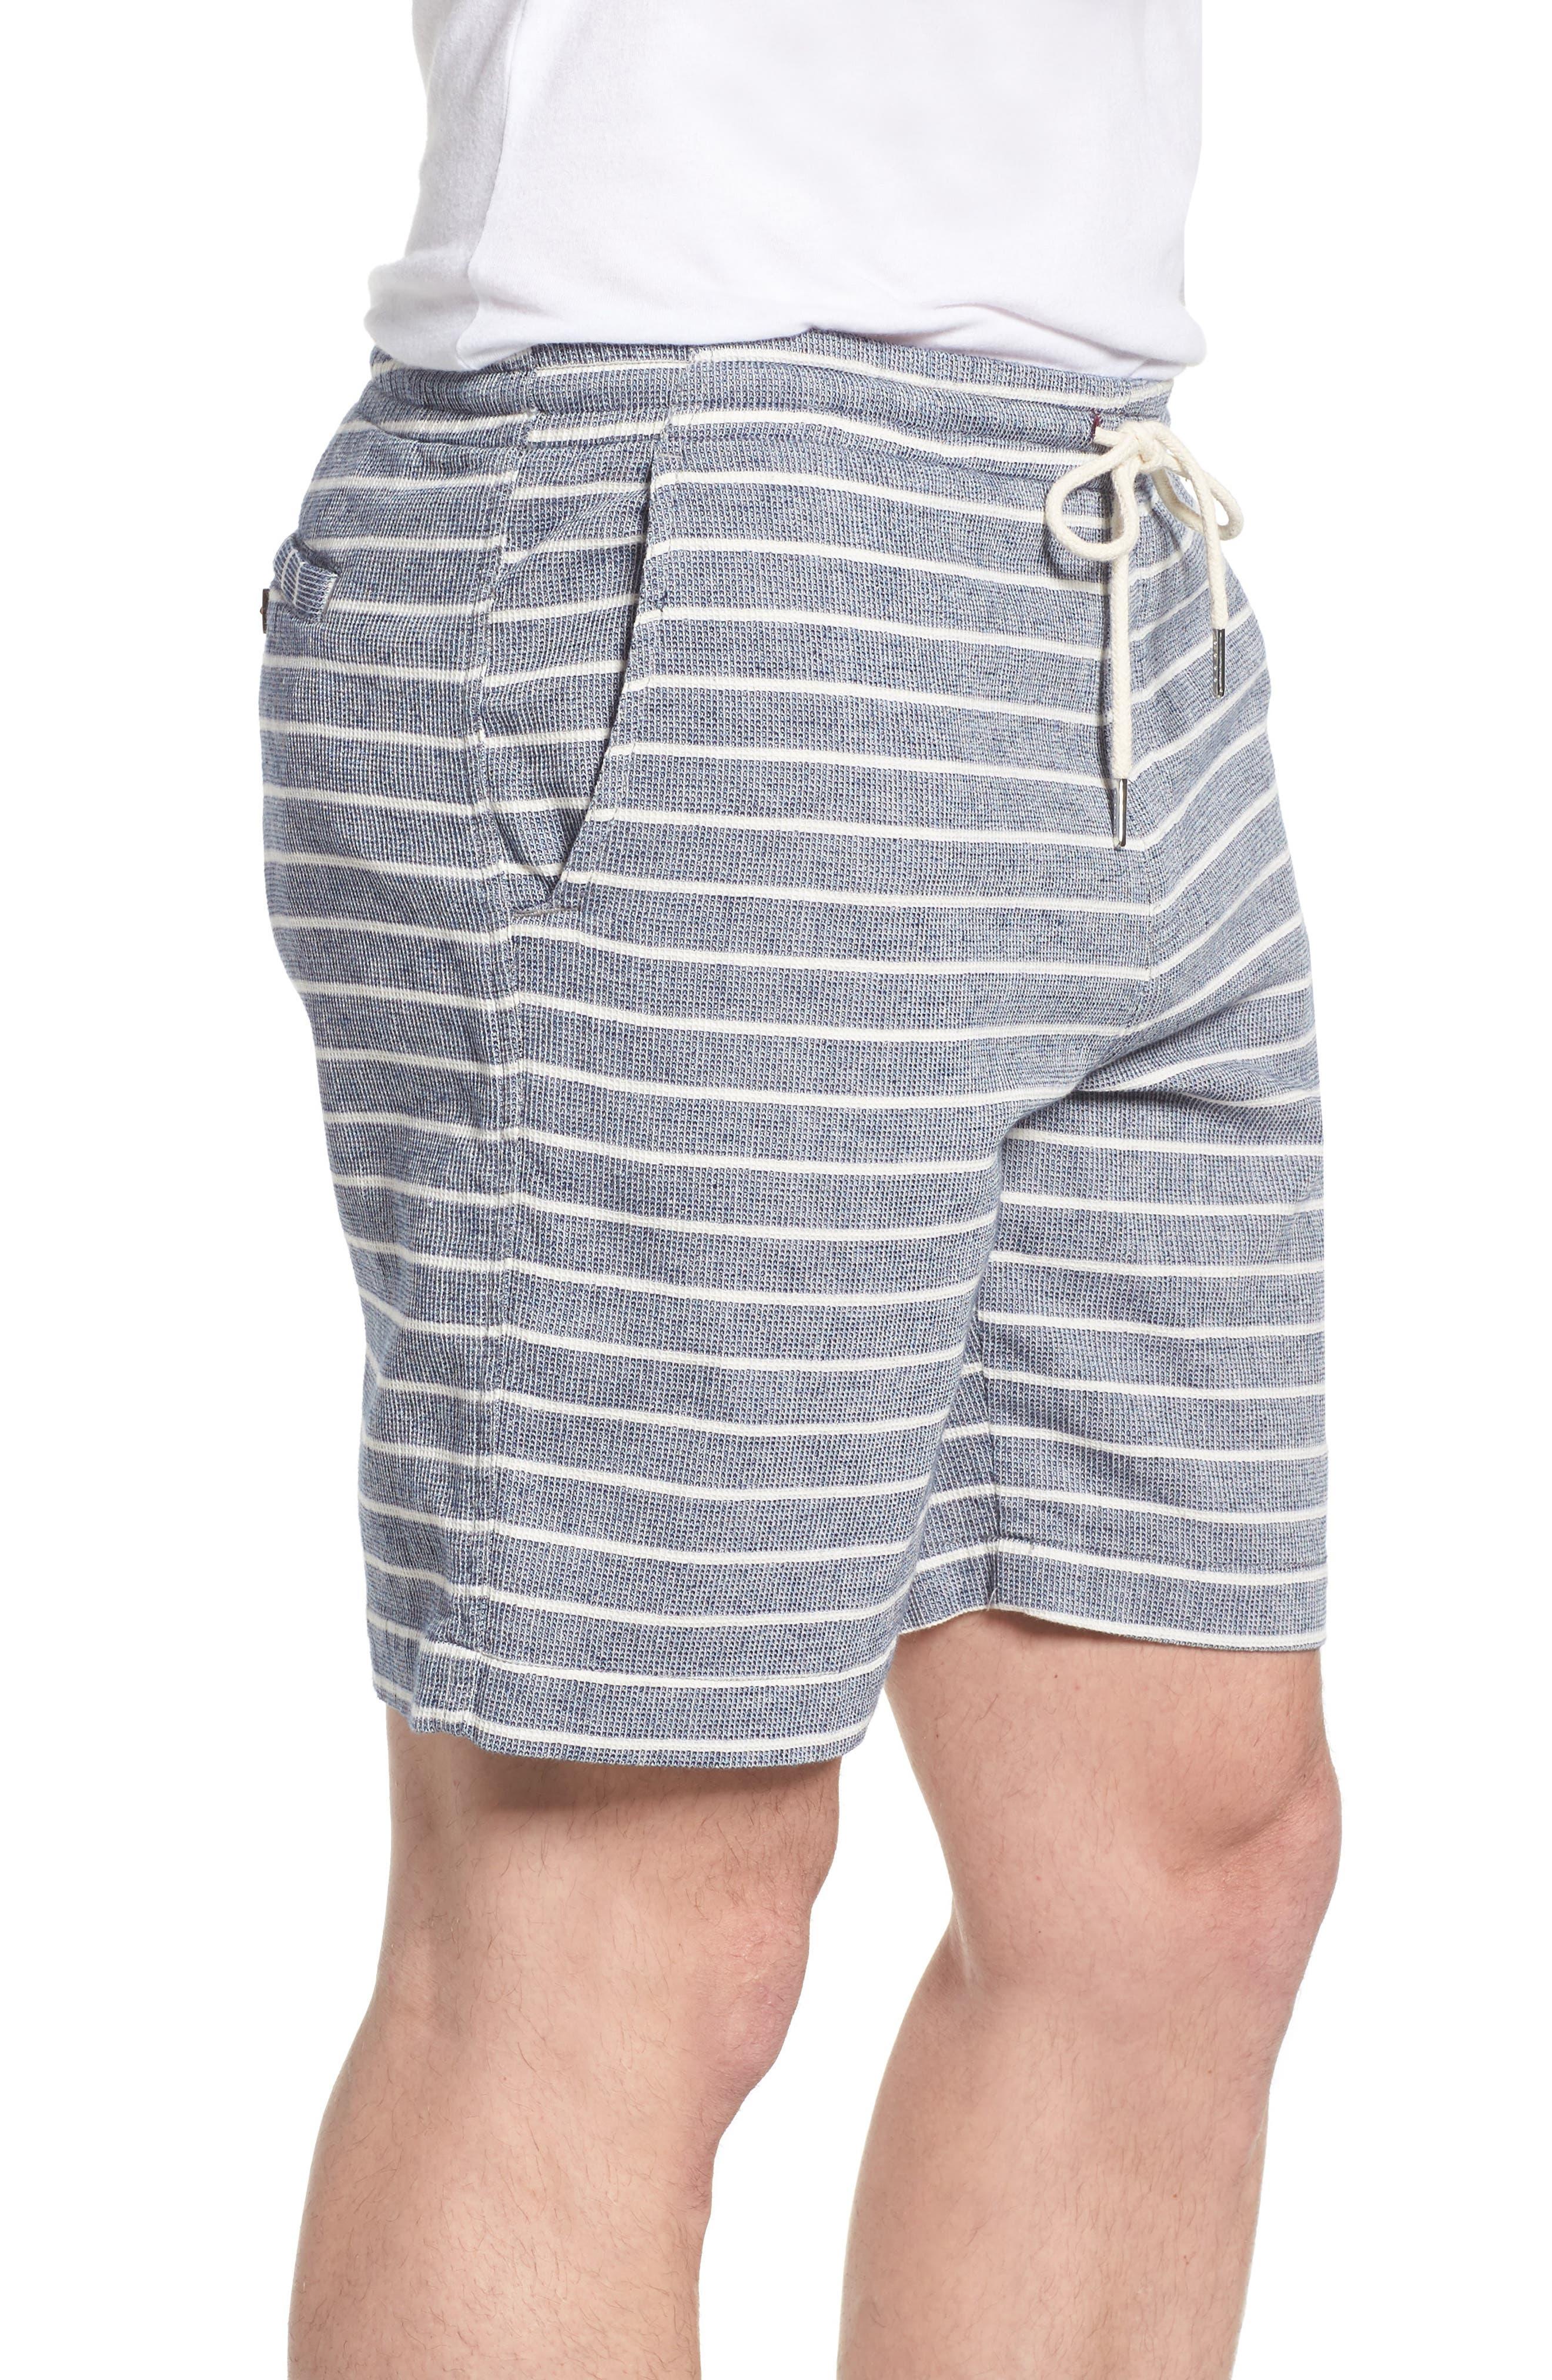 Steve Stripe Pull-On Shorts,                             Alternate thumbnail 3, color,                             BLUE / WHITE